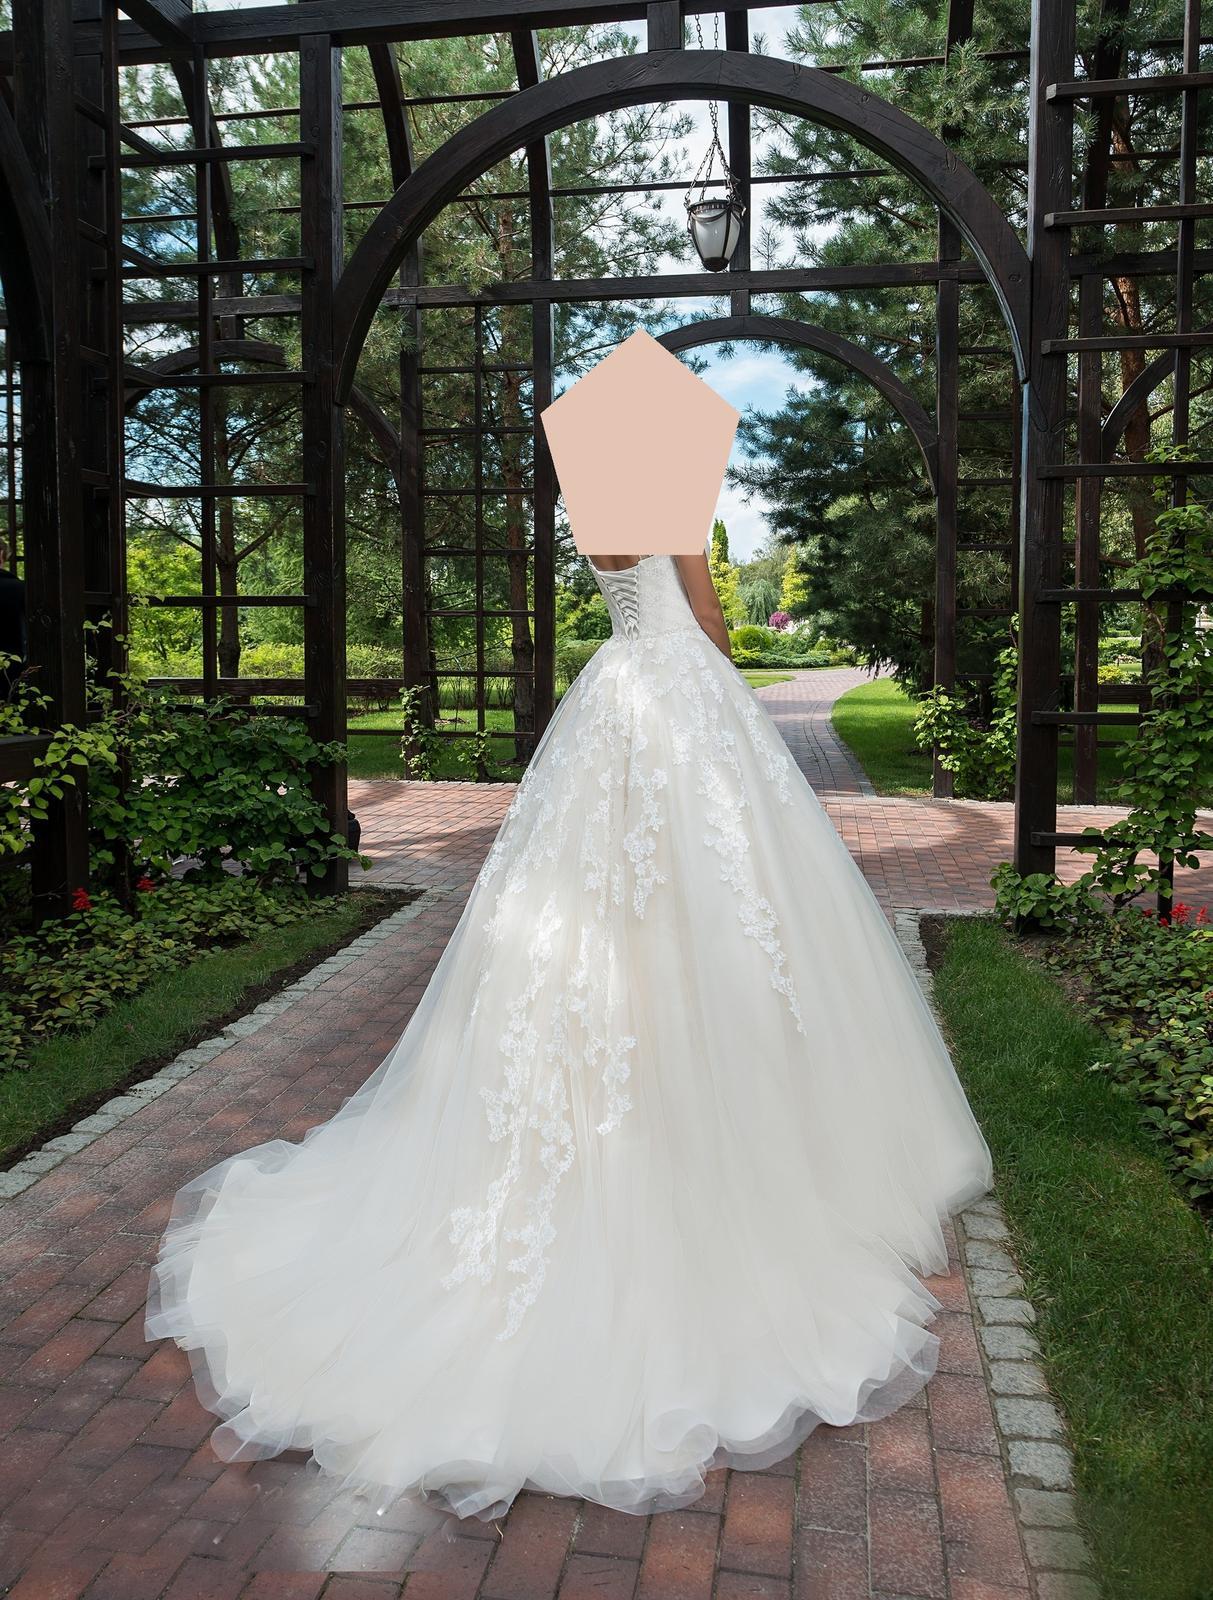 Romantické svadobné šatičky - Obrázok č. 1